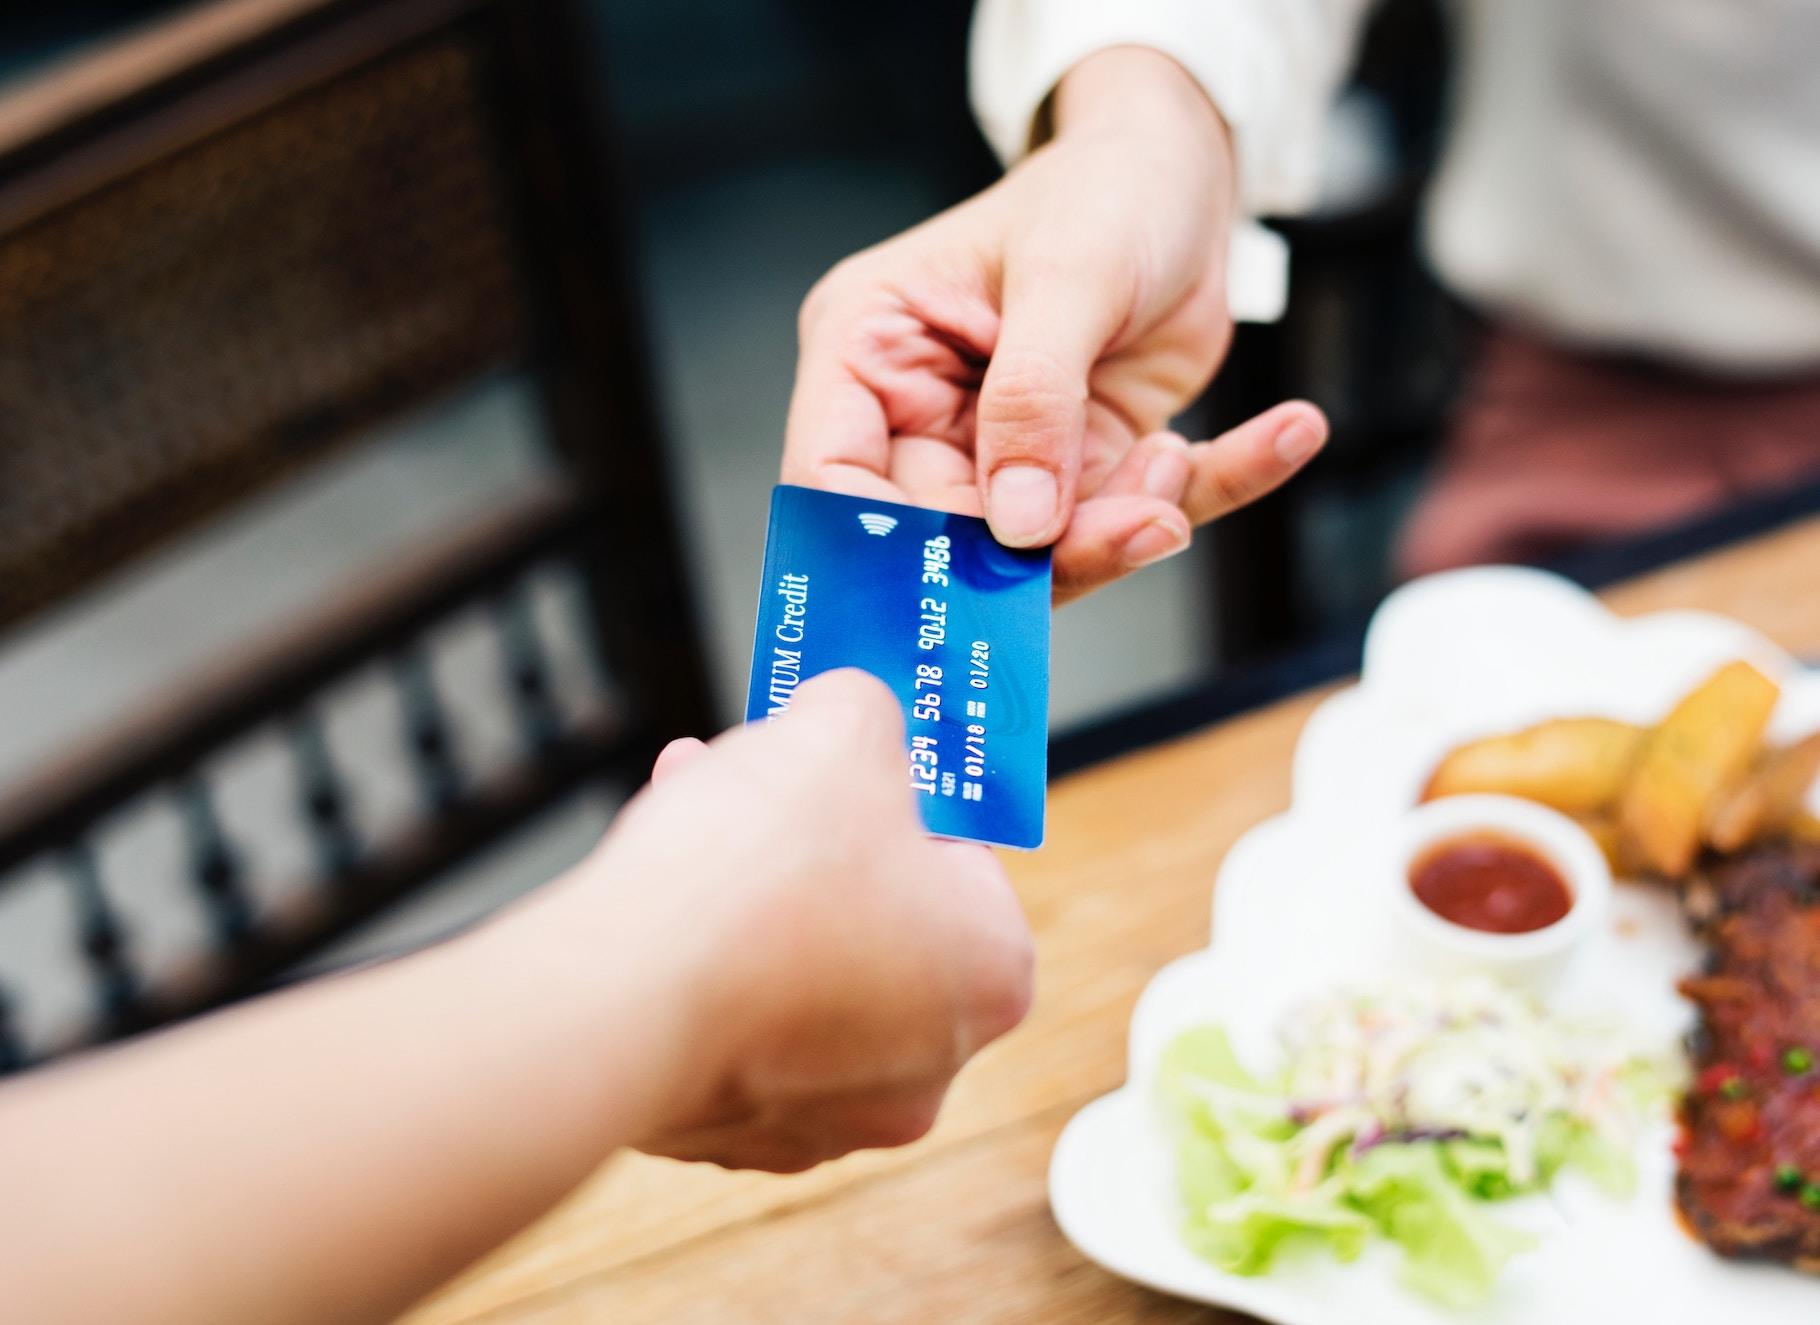 8 botiv u vašomu mesendžeri, kotri dopomožuť trymaty plateži pid kontrolem